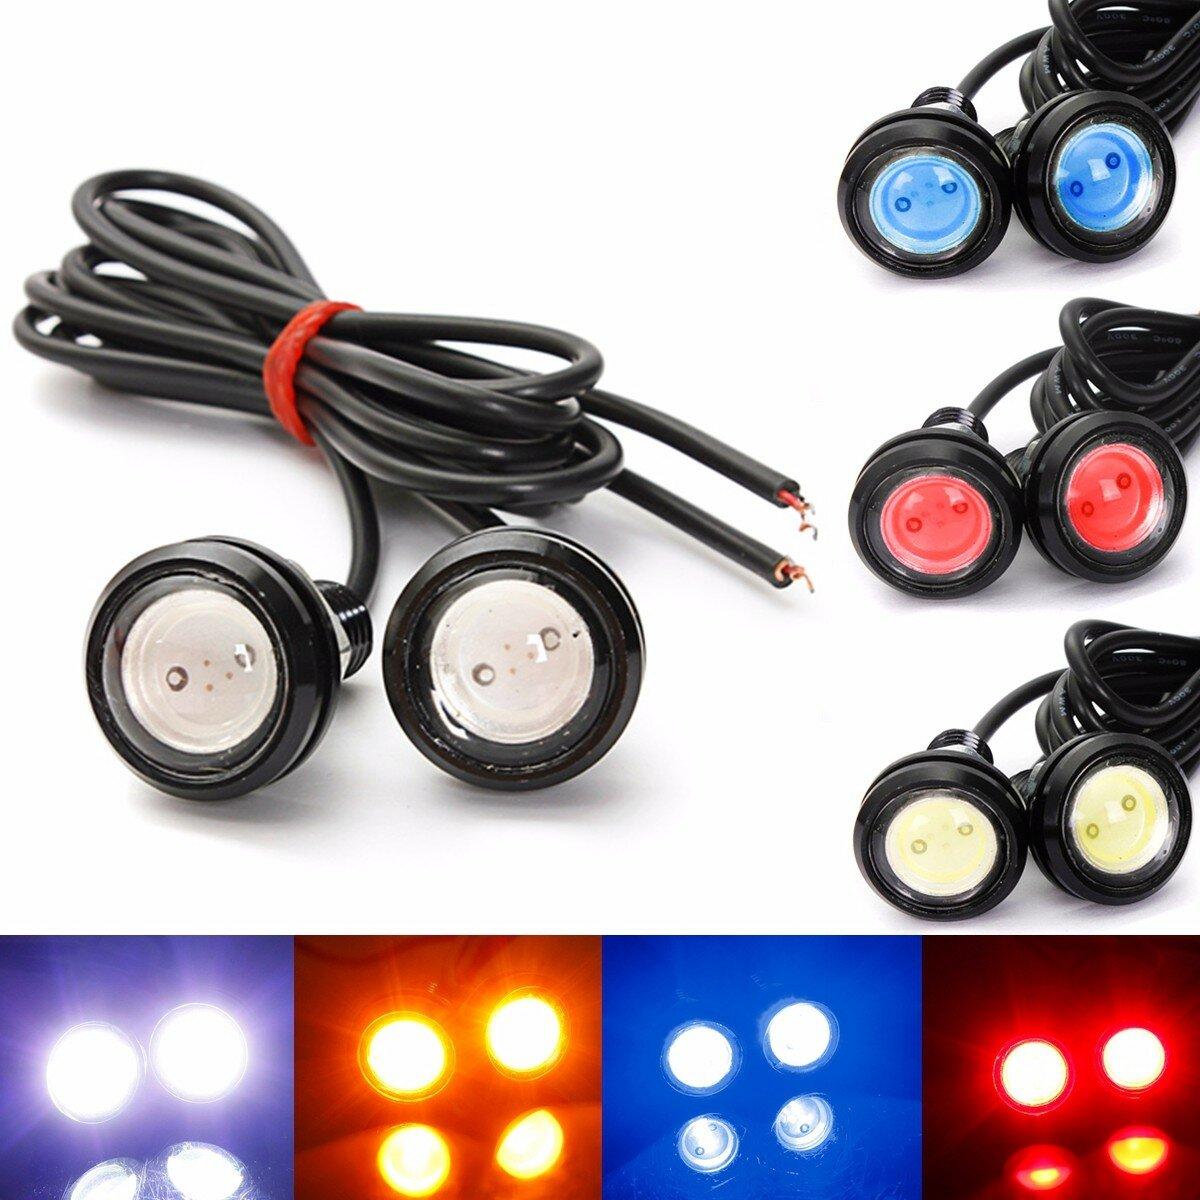 2PCS 3W LED Eagle Eye Lights Daytime Running DRL Bulb Backup Reversing Lamp 12V White for Car Motor